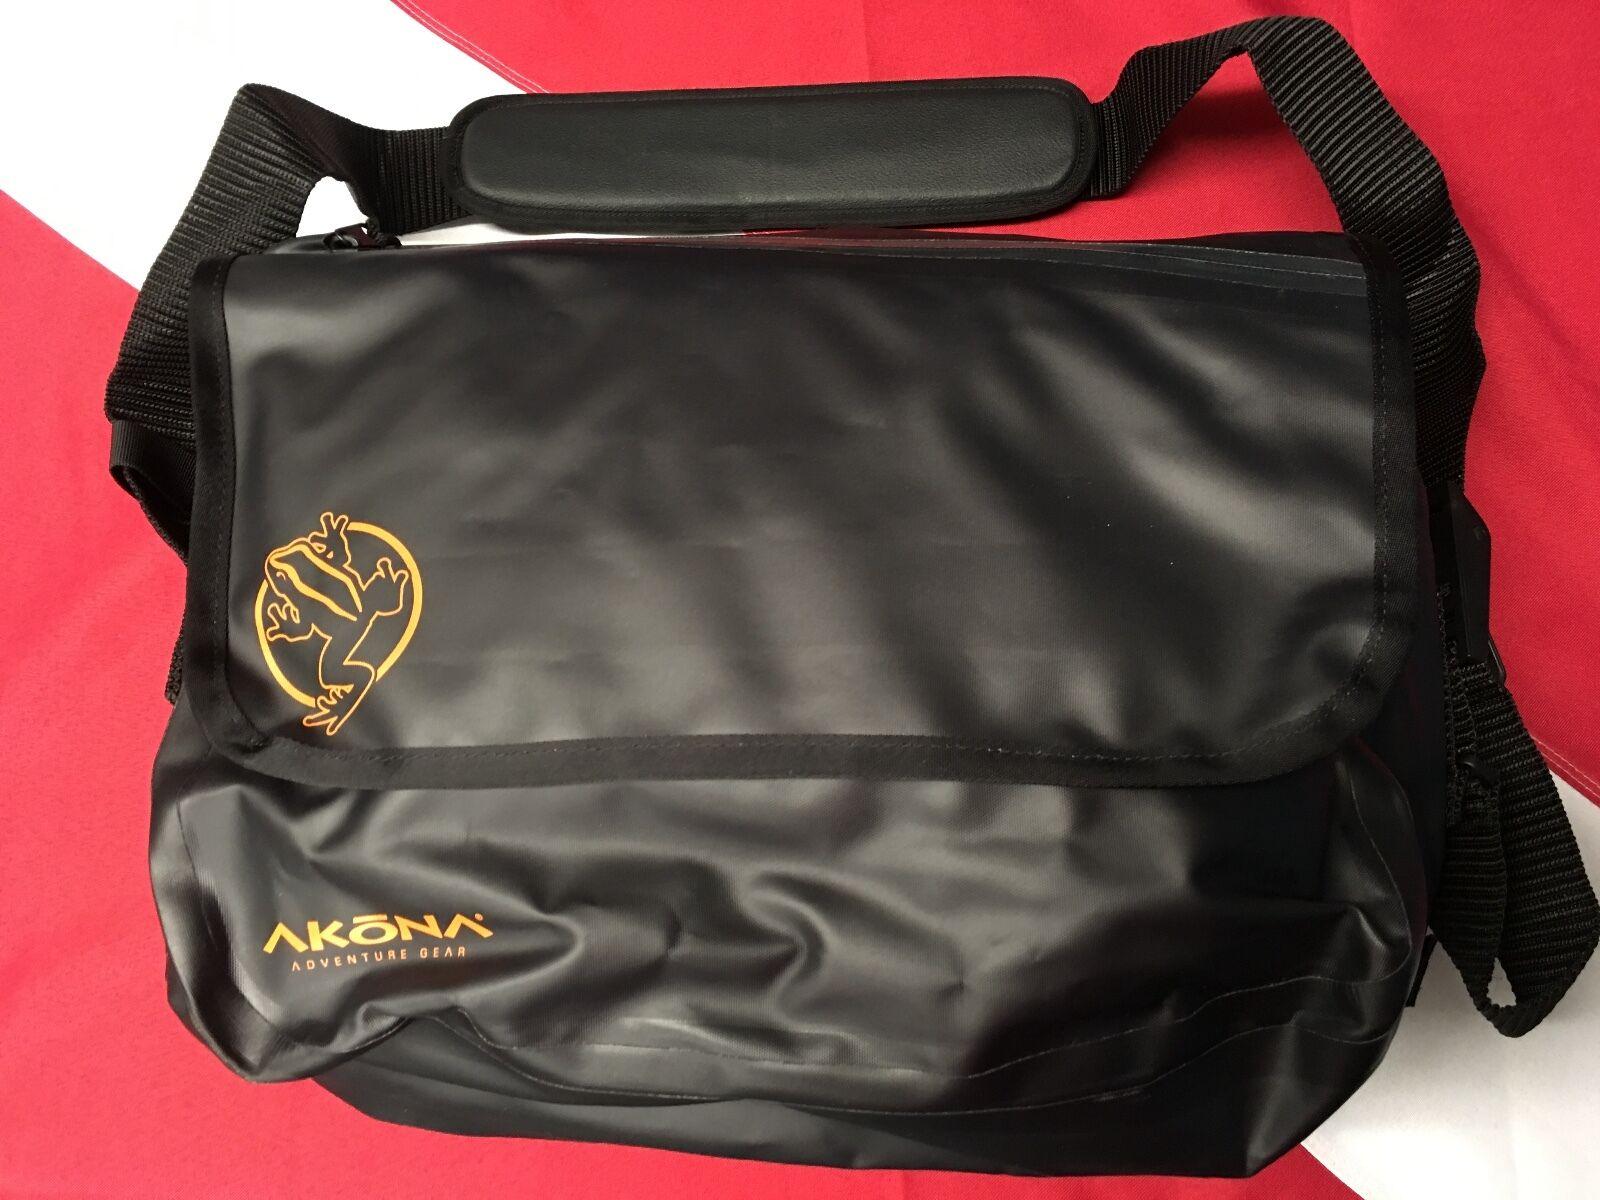 Akin  dry shoulder bag adventure gear Rafting boating Hunting Keep things dry